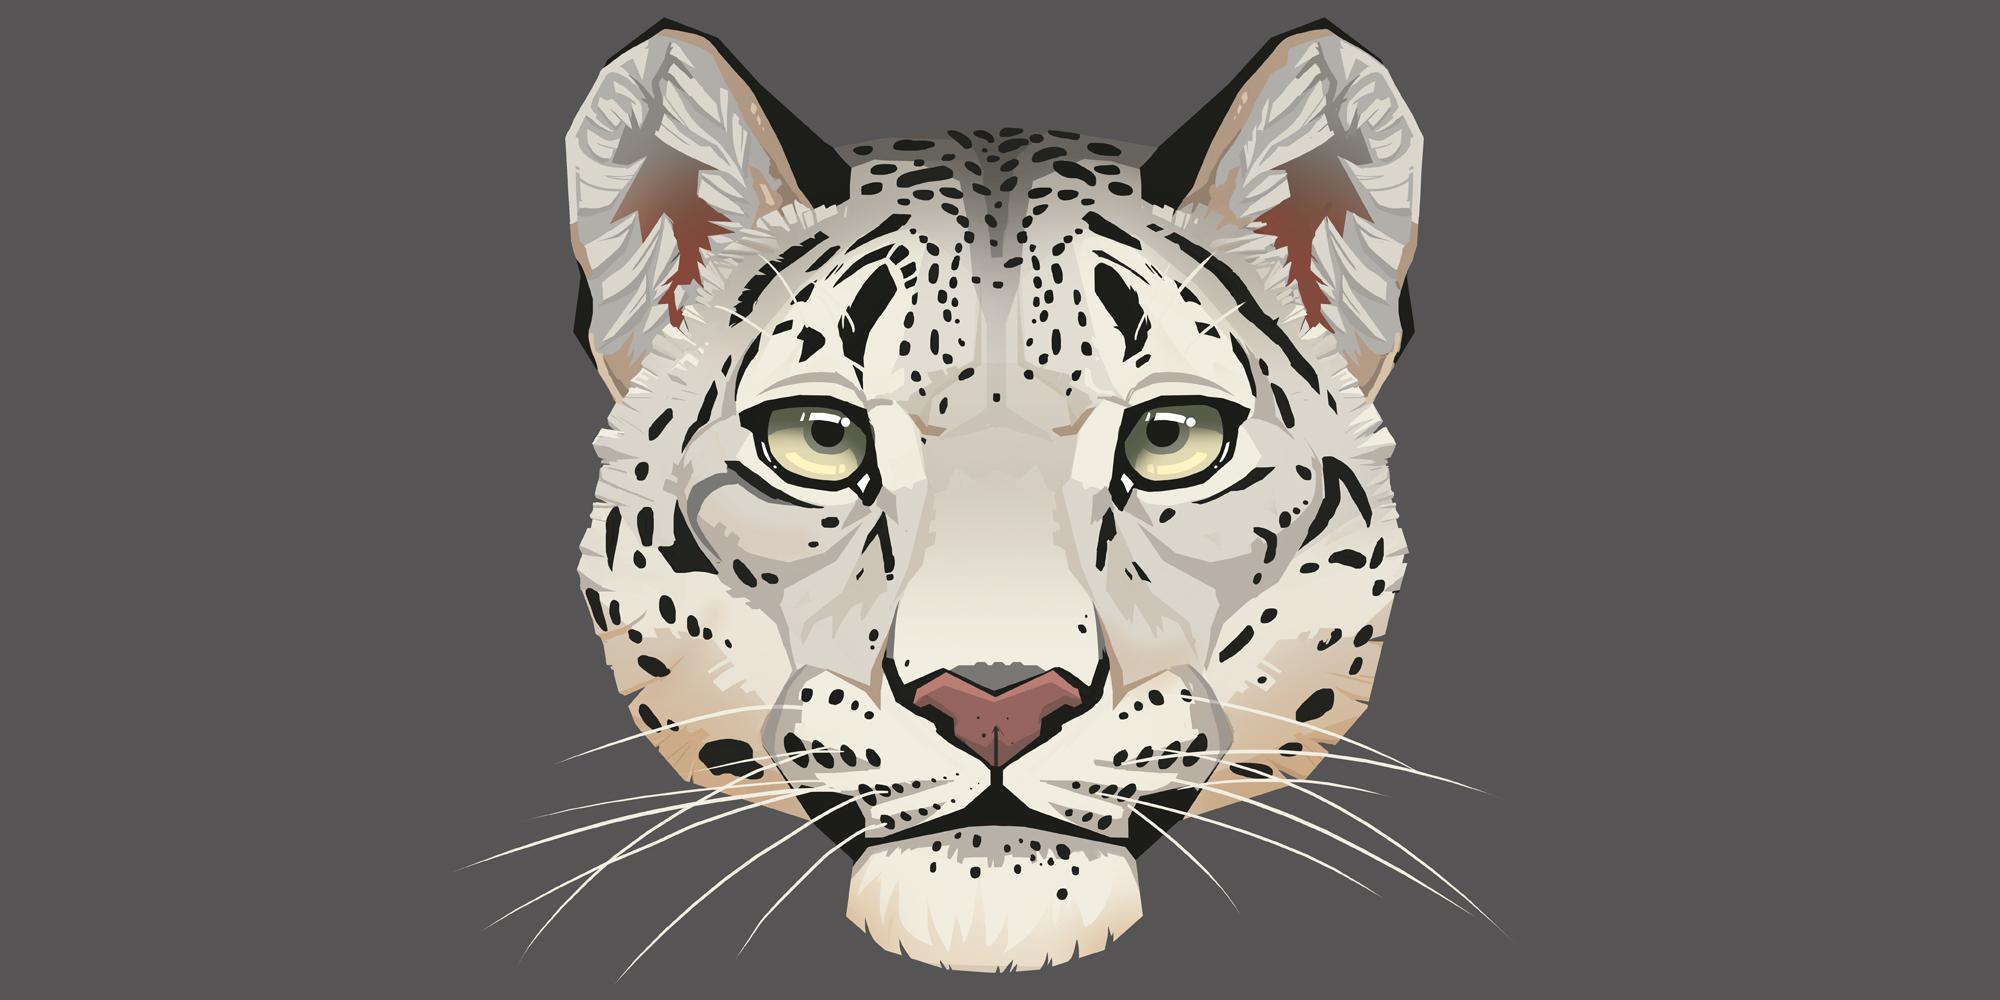 LGAL_SnowLeopard.jpg